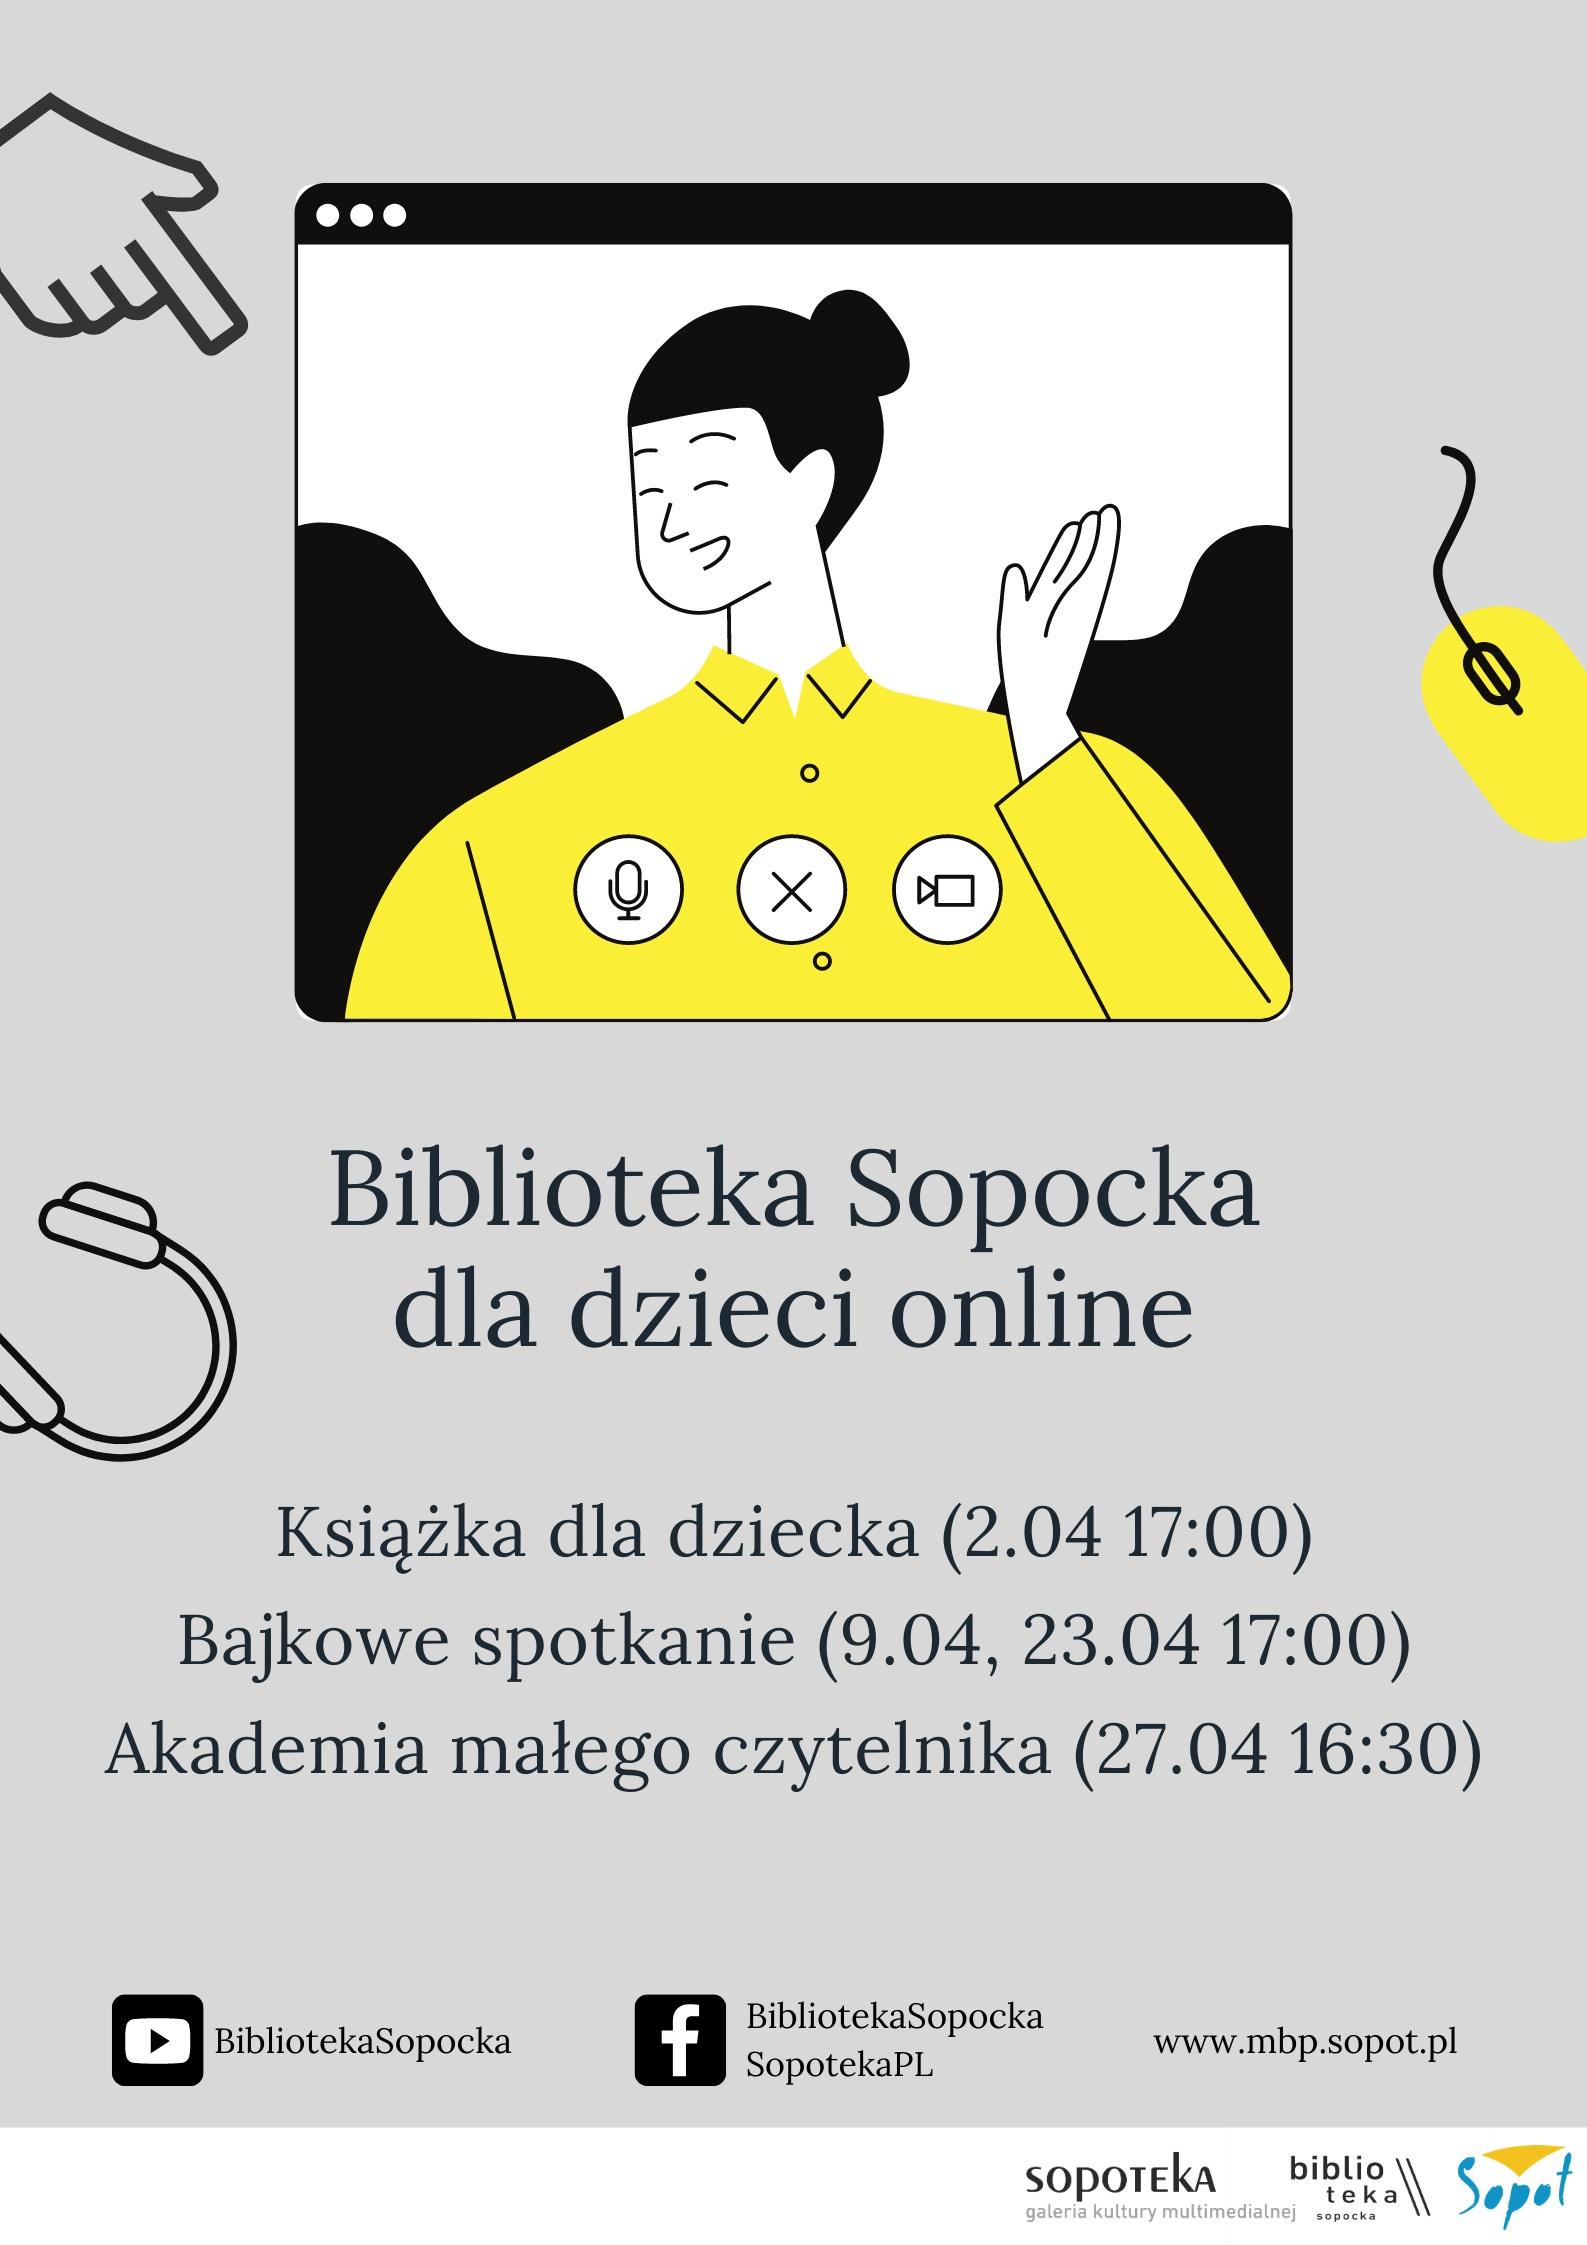 Biblioteka Sopocka dla dzieci online: Bajkowe Spotkanie